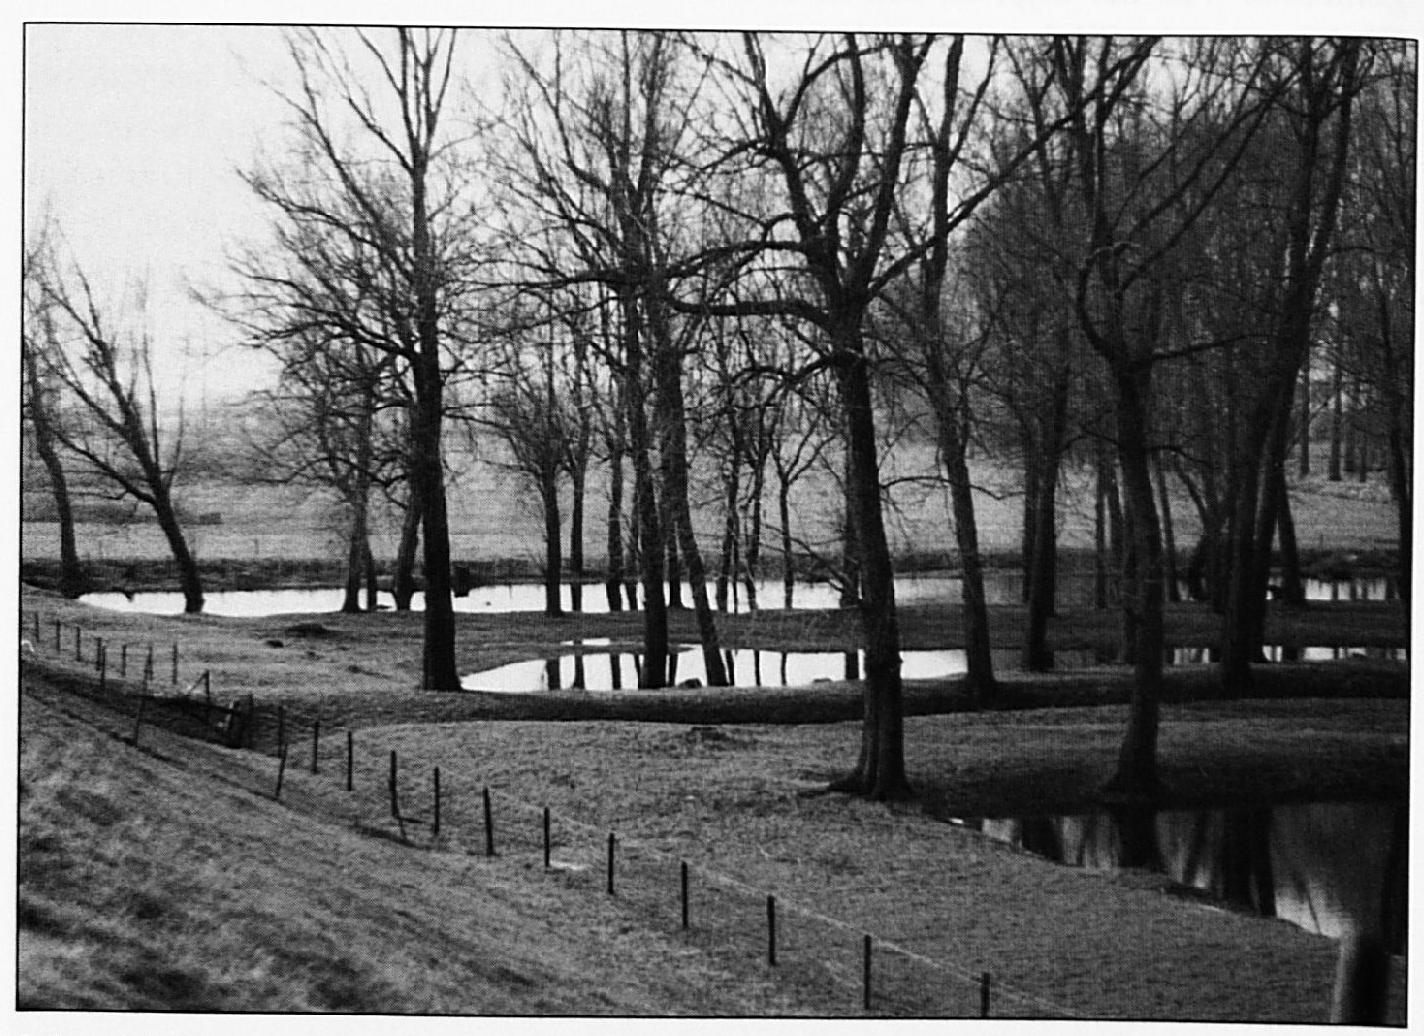 In het gebied tussen de Oude Waalsteeg en de huidige groendijk stonden vroeger boerderijen. De foto hierboven toont de huidige situatie.